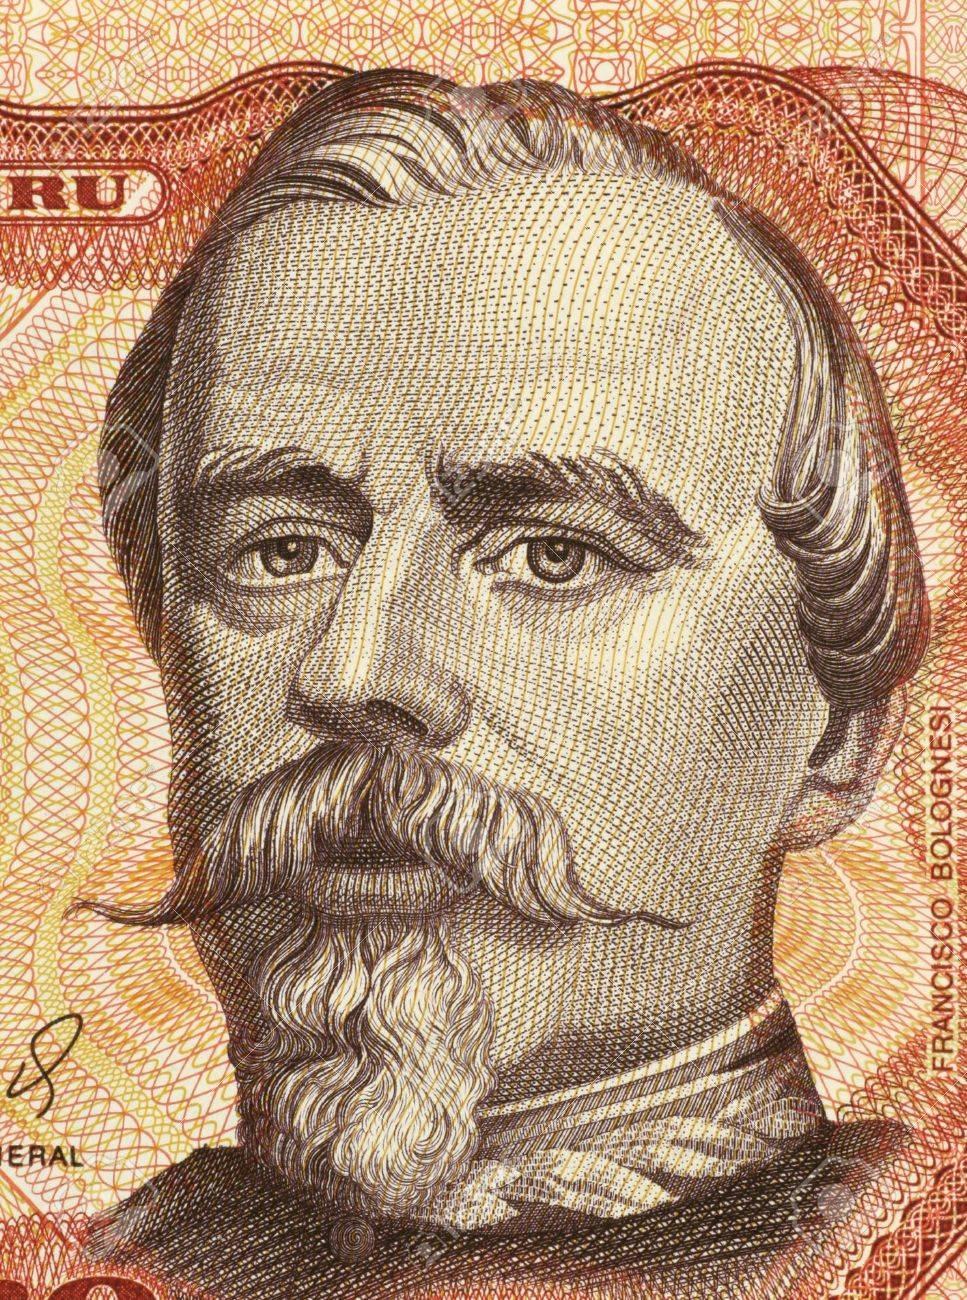 Francisco Bolognesi on 5000 Soles de Oro 1985 Banknote from Peru. Peruvian military hero. Stock Photo - 5239163